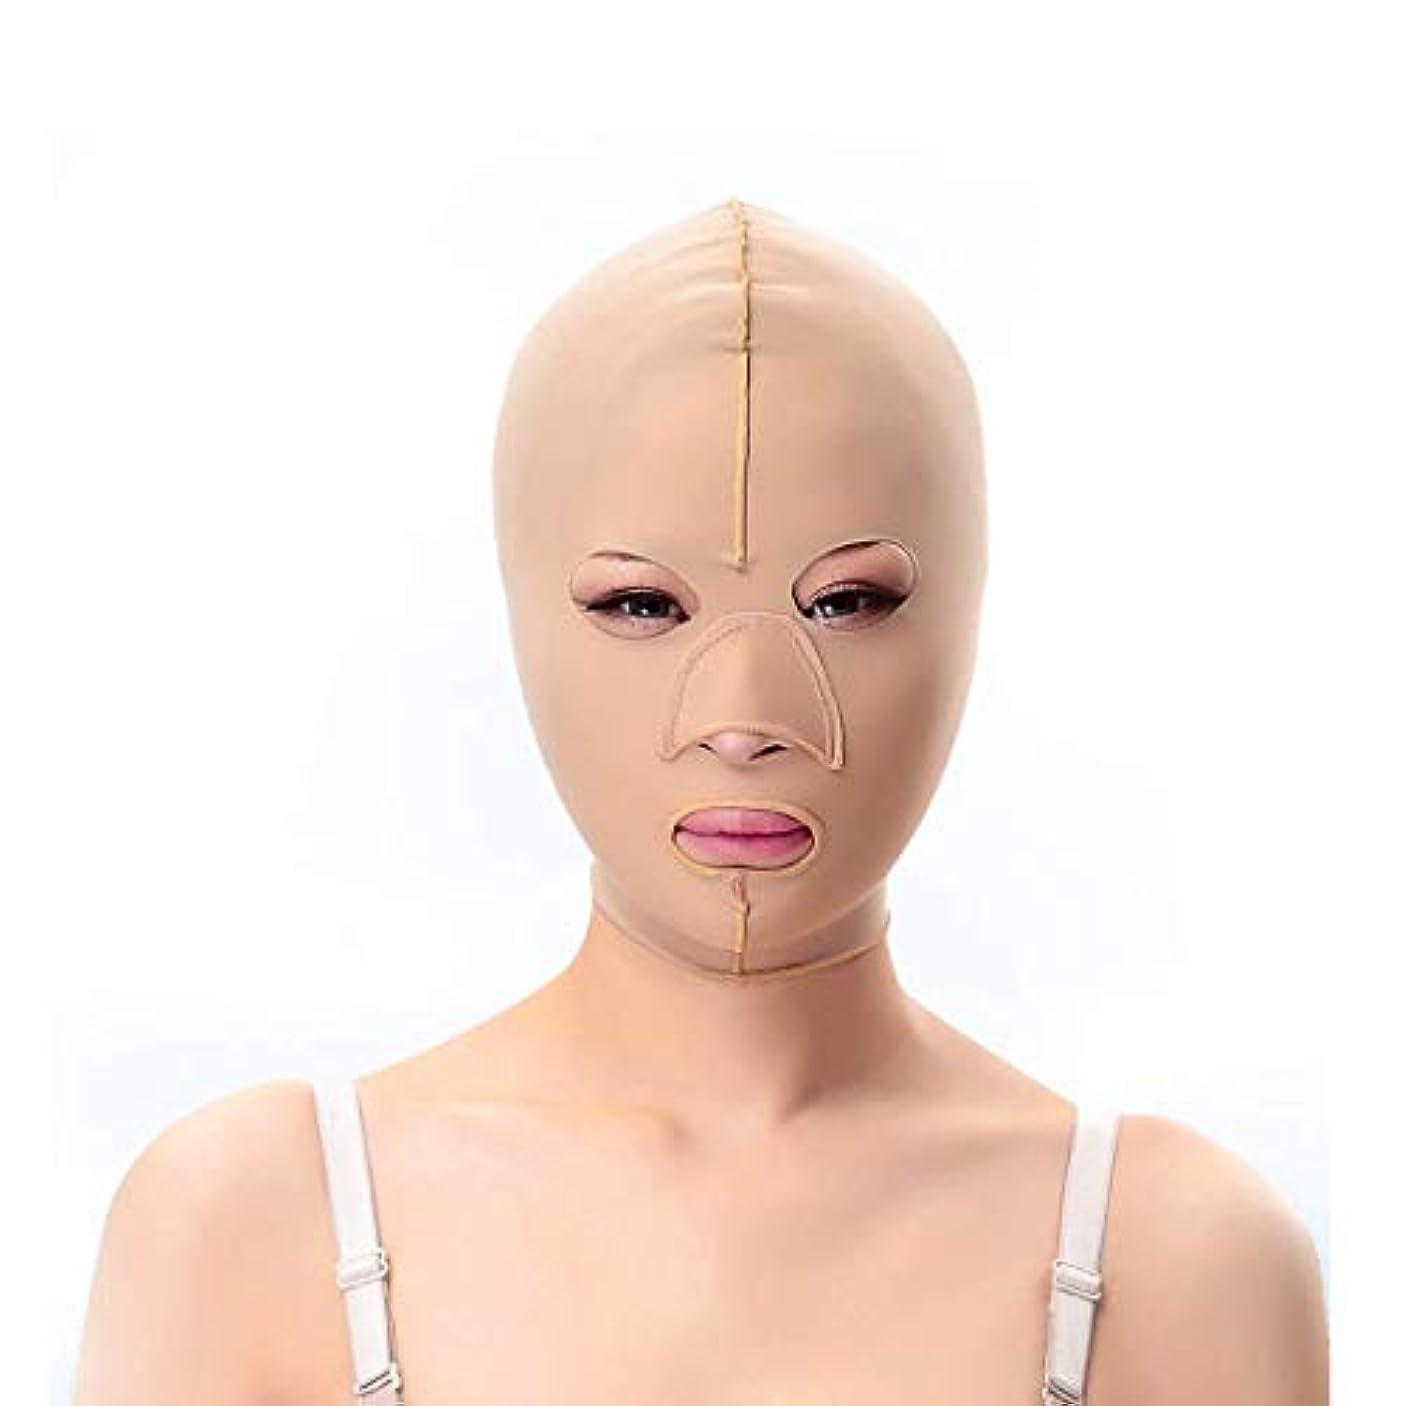 ベット審判含めるスリミングベルト、二重あごの引き締め顔のプラスチックフェイスアーティファクト強力なフェイス包帯を脇に持ち上げるパターンを欺くためのフェイシャルマスクシンフェイスマスク(サイズ:L),Xl